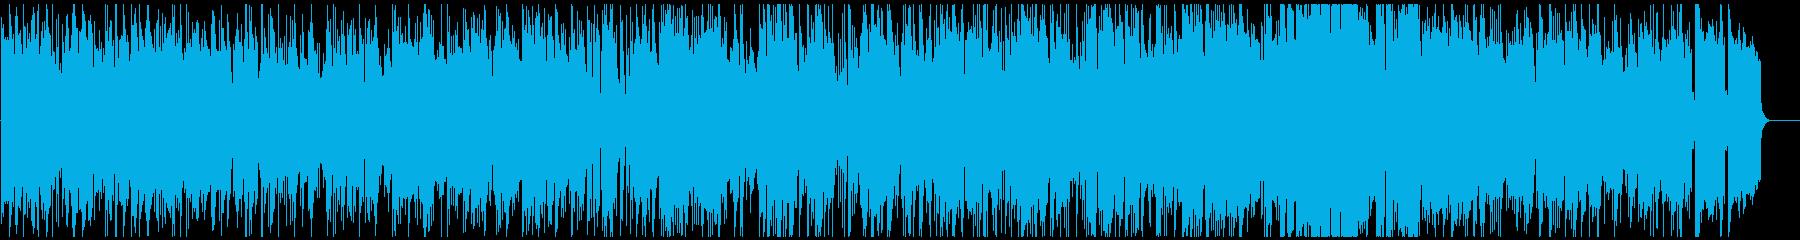 ランチタイムのカフェっぽいジャズボッサの再生済みの波形